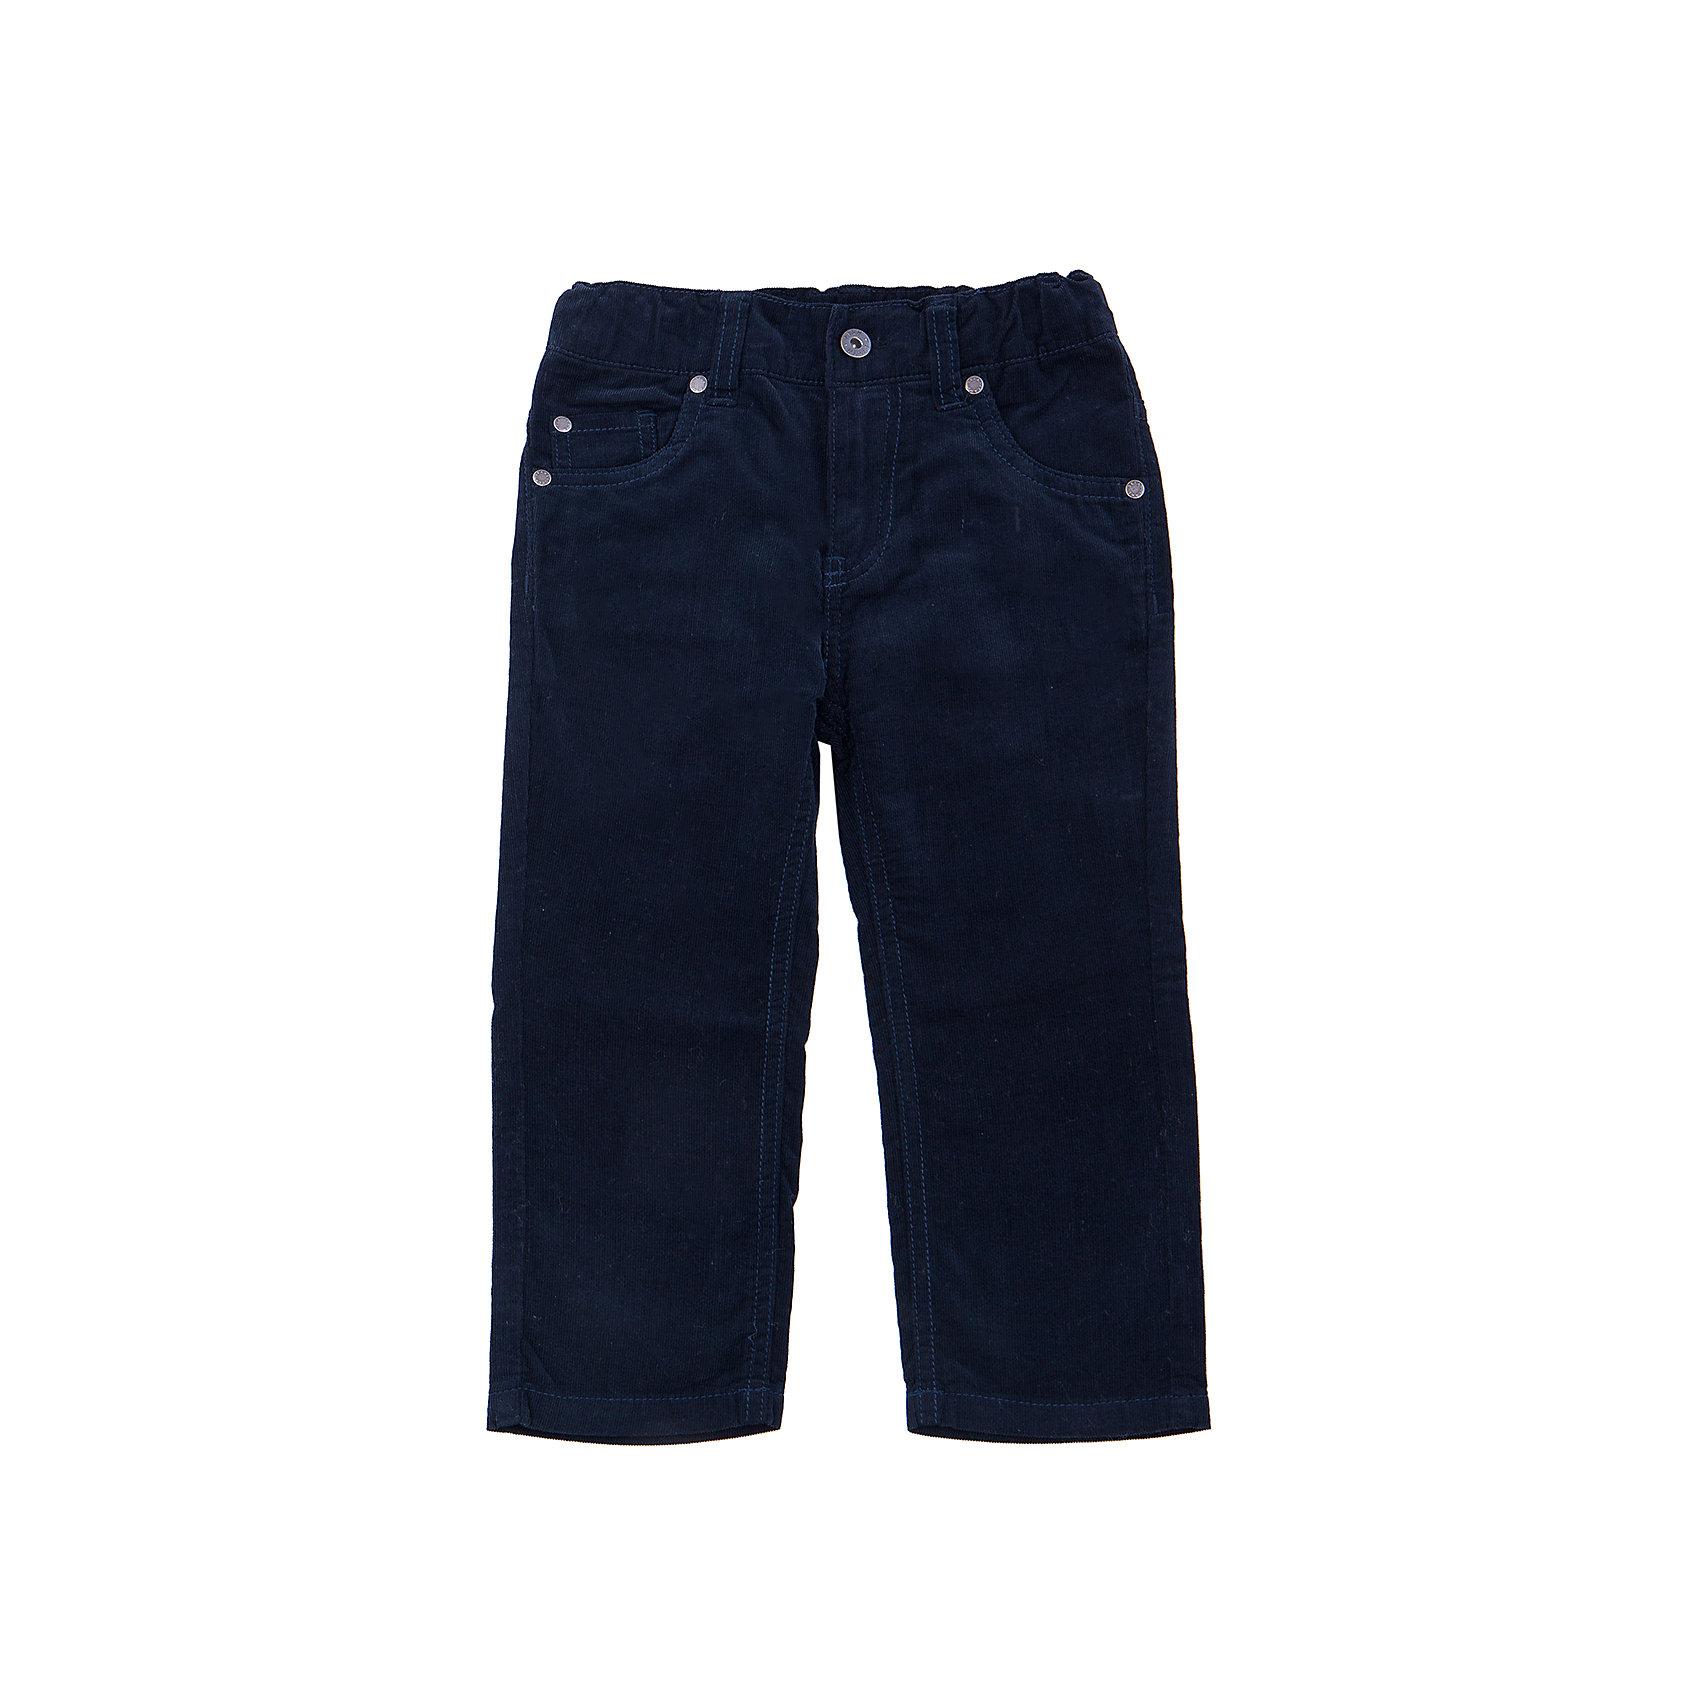 Брюки для мальчика SELAБрюки прямого кроя - незаменимая вещь в детском гардеробе. Эта модель отлично сидит на ребенке, она сшита из плотного материала, натуральный хлопок не вызывает аллергии и обеспечивает ребенку комфорт. Модель станет отличной базовой вещью, которая будет уместна в различных сочетаниях.<br>Одежда от бренда Sela (Села) - это качество по приемлемым ценам. Многие российские родители уже оценили преимущества продукции этой компании и всё чаще приобретают одежду и аксессуары Sela.<br><br>Дополнительная информация:<br><br>прямой силуэт;<br>материал: 100 % хлопок;<br>плотный материал.<br><br>Брюки для мальчика от бренда Sela можно купить в нашем интернет-магазине.<br><br>Ширина мм: 215<br>Глубина мм: 88<br>Высота мм: 191<br>Вес г: 336<br>Цвет: синий<br>Возраст от месяцев: 60<br>Возраст до месяцев: 72<br>Пол: Мужской<br>Возраст: Детский<br>Размер: 116,92,98,104,110<br>SKU: 4919492